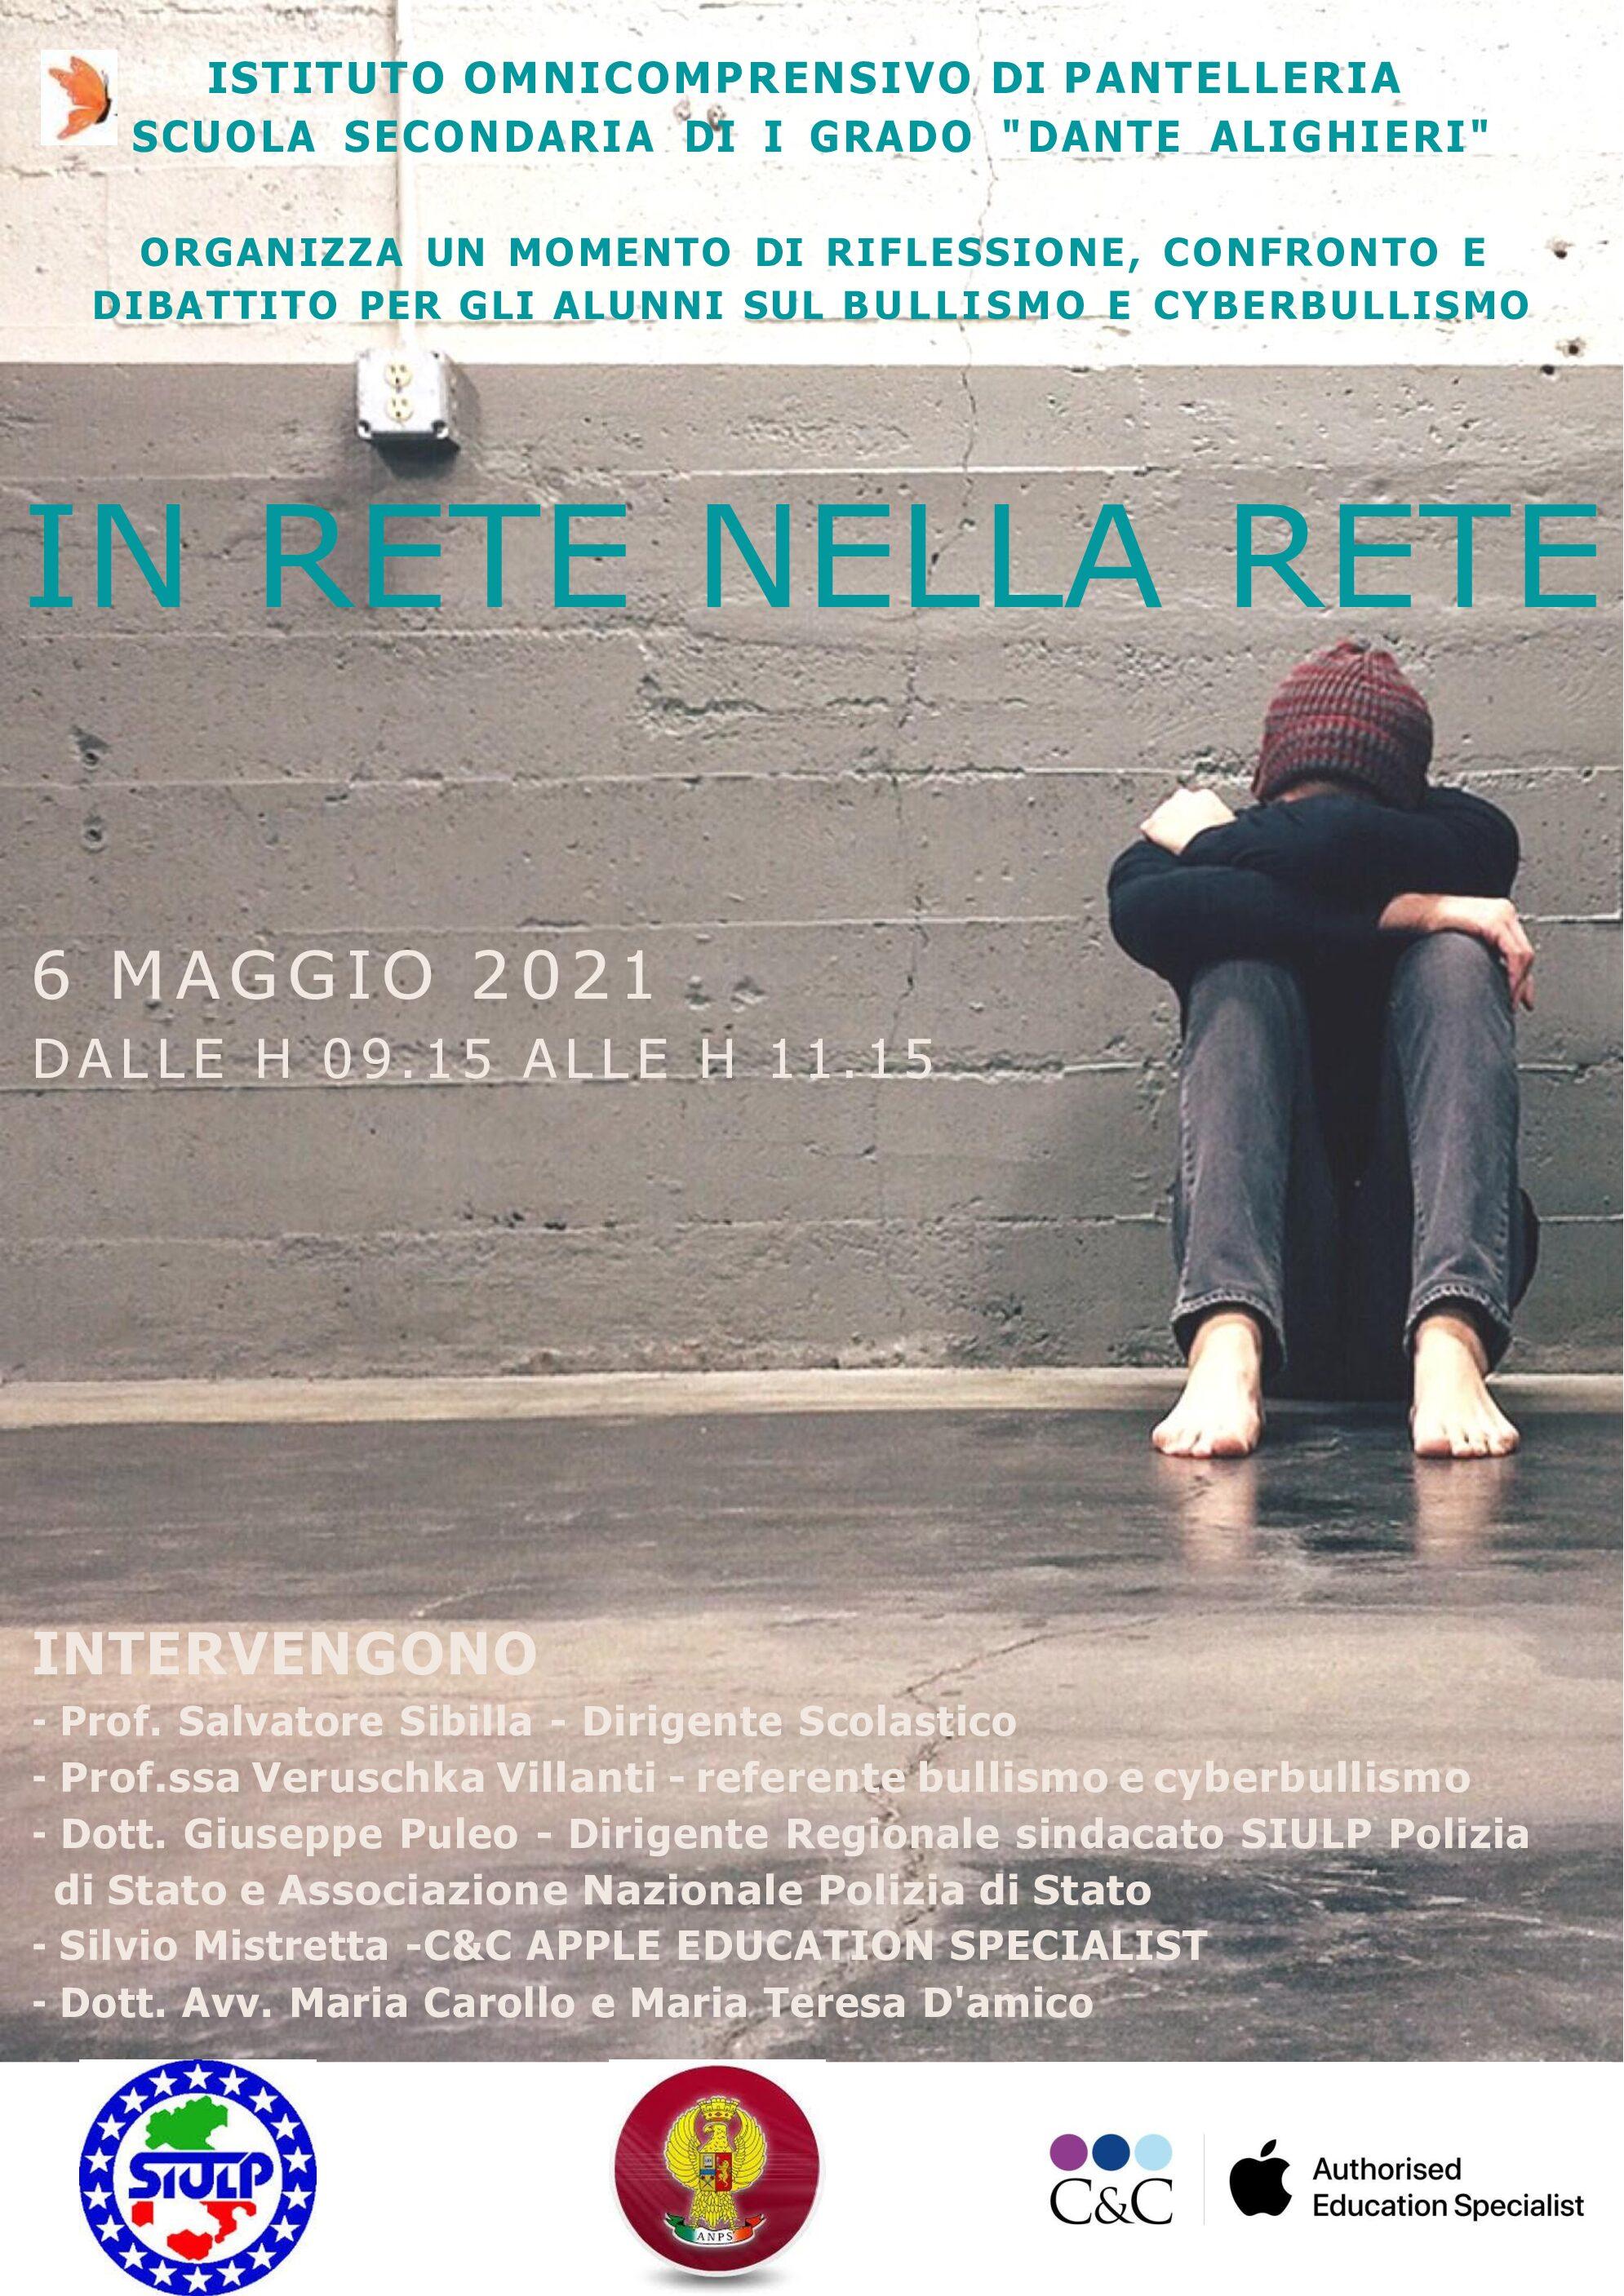 """Attività d'INFORMAZIONE/PREVENZIONE al Bullismo e Cyber-bullismo rivolte alle classi PRIME della Scuola Secondaria di I° grado """"D. Alighieri"""" di Pantelleria"""